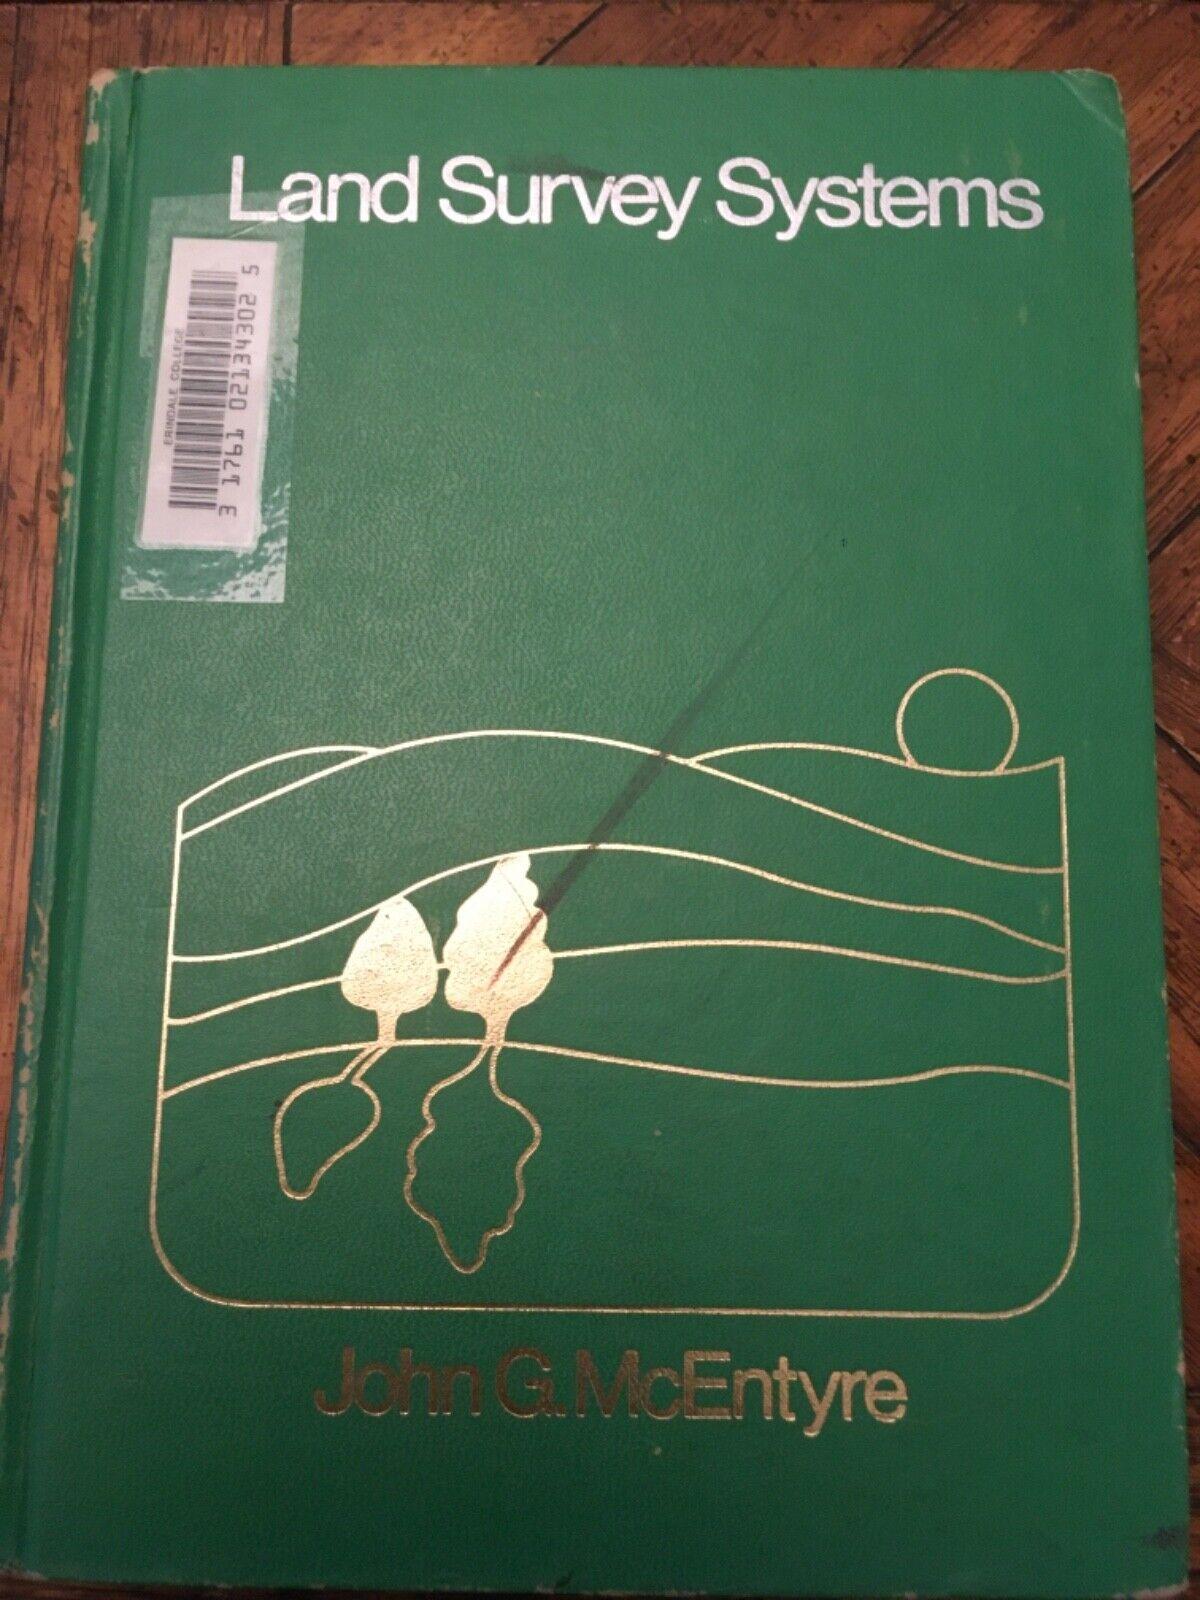 Land Survey Systems By John McEntyre